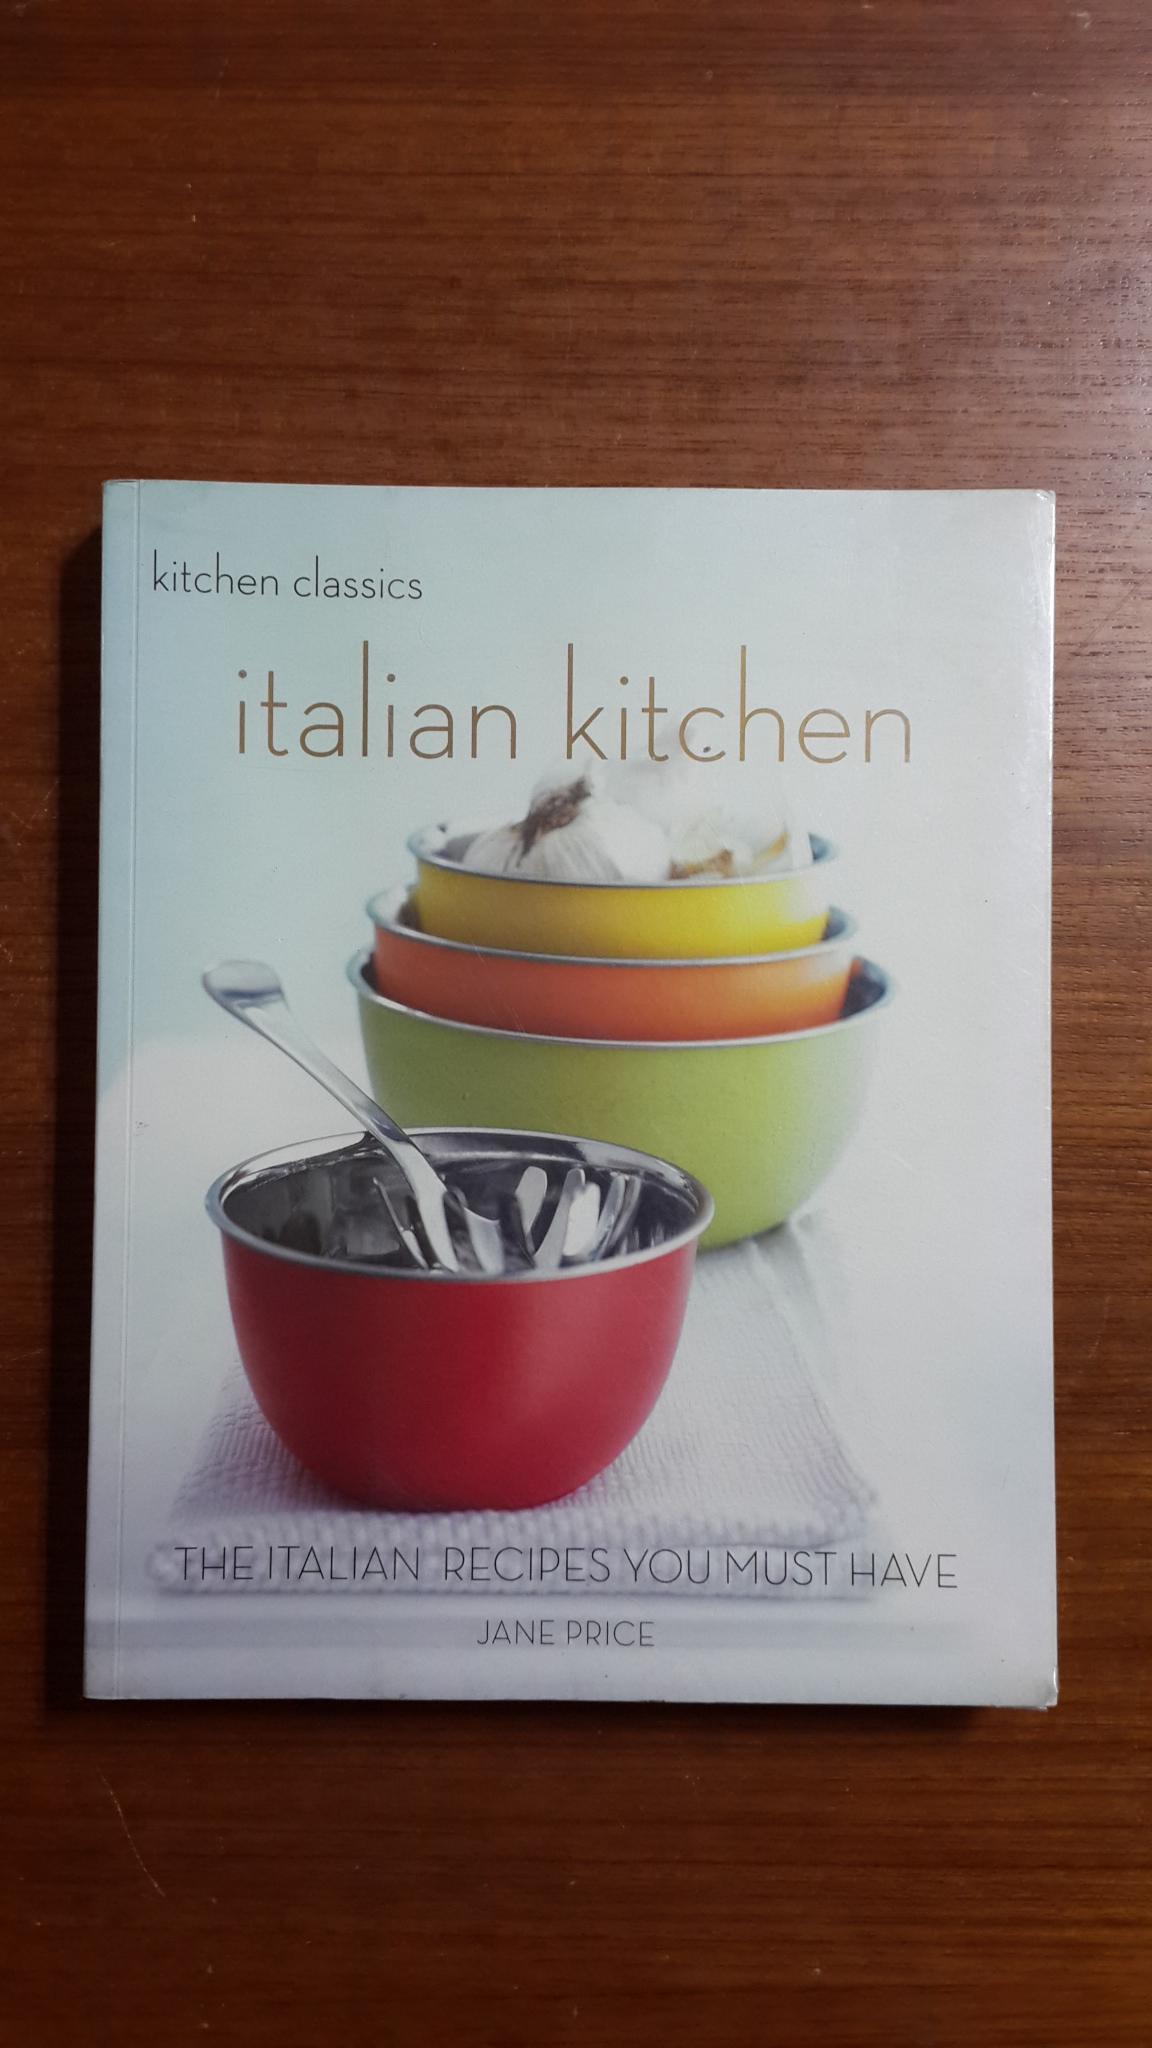 italian kitchen / JANE PRICE